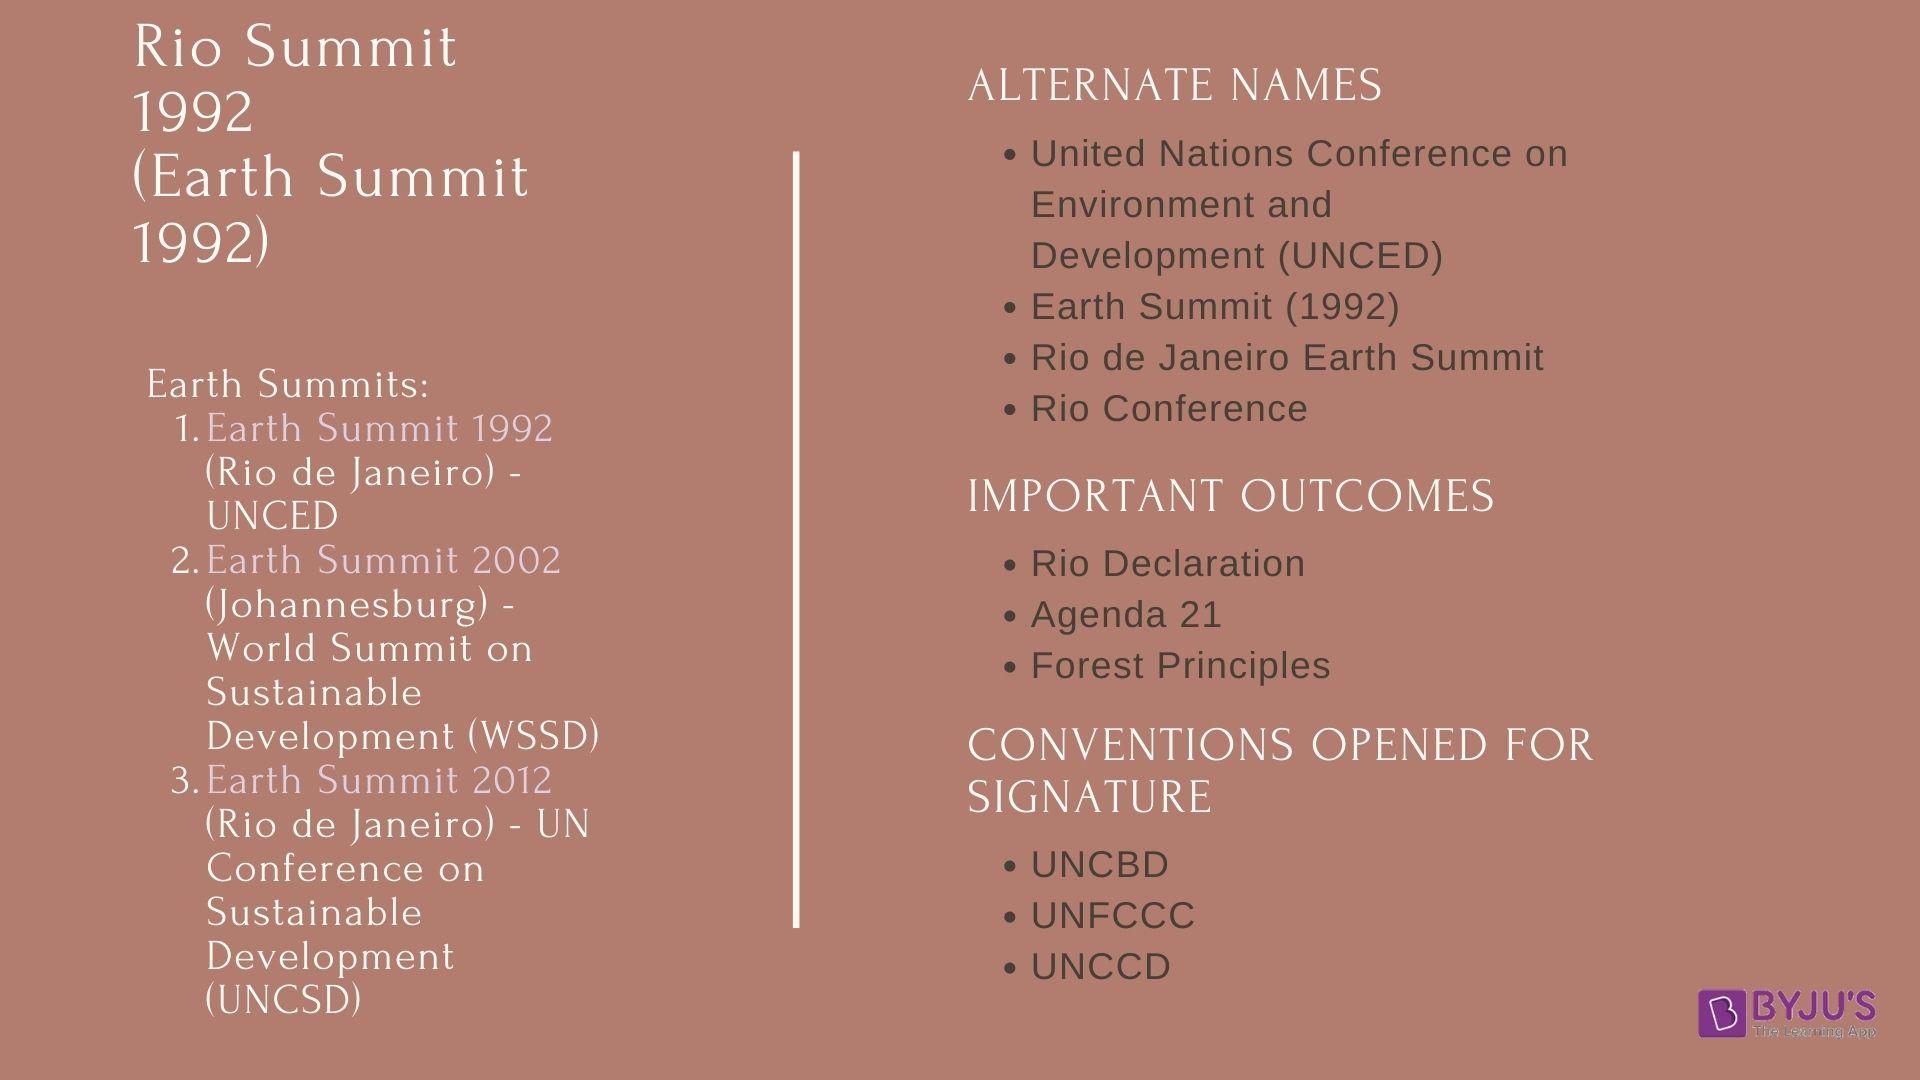 Rio Summit Details